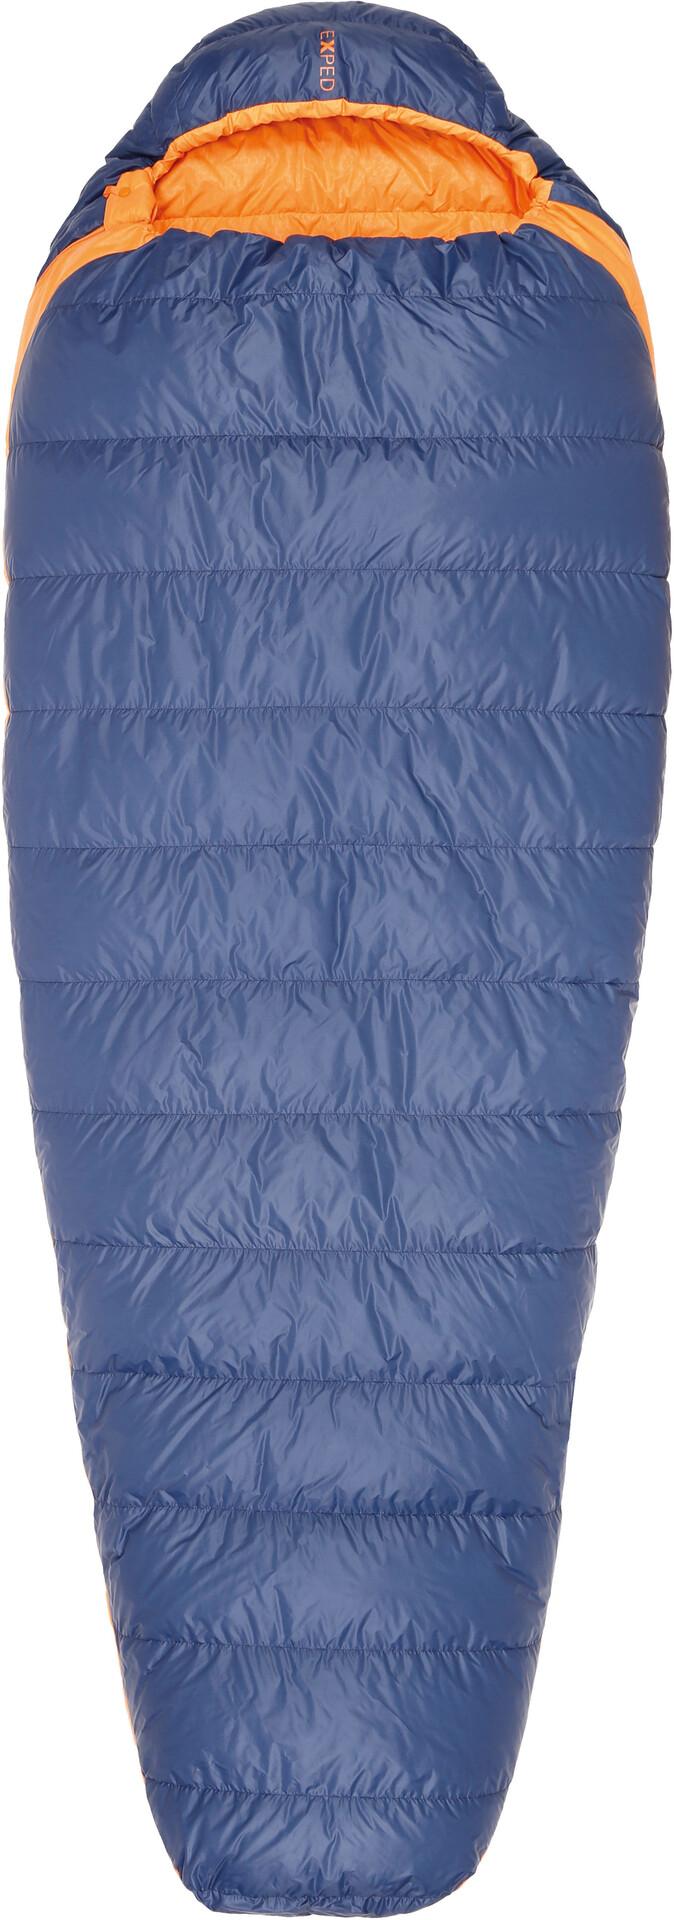 Exped Comfort Sleeping Sleeping Sleeping Bag 0° L 22d464